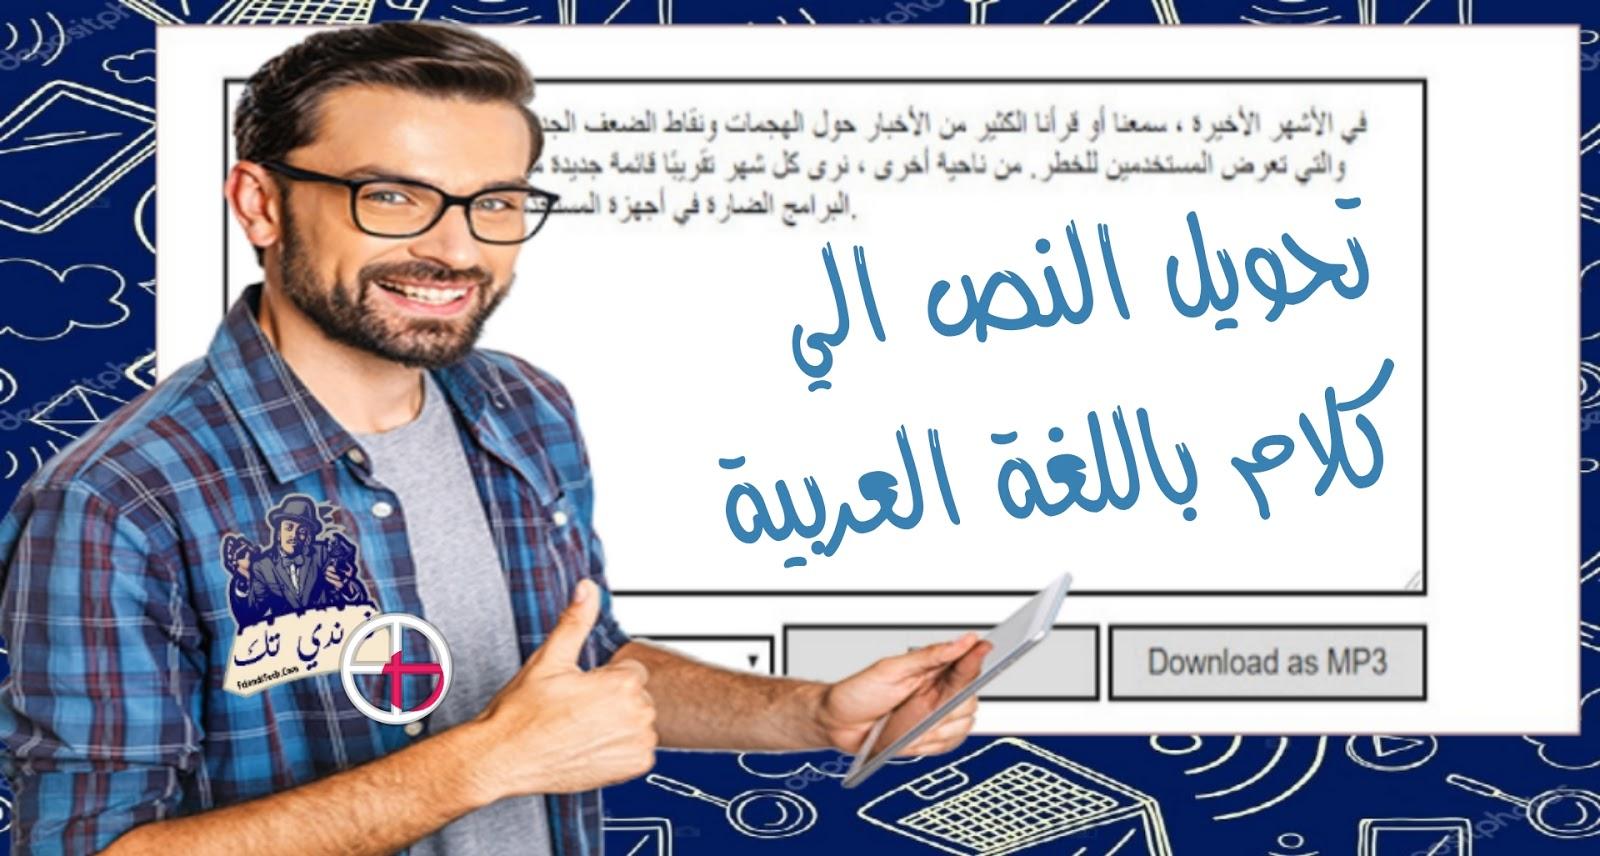 أفضل موقع لتحويل النص المكتوب إلى صوت || يدعم اللغة العربية